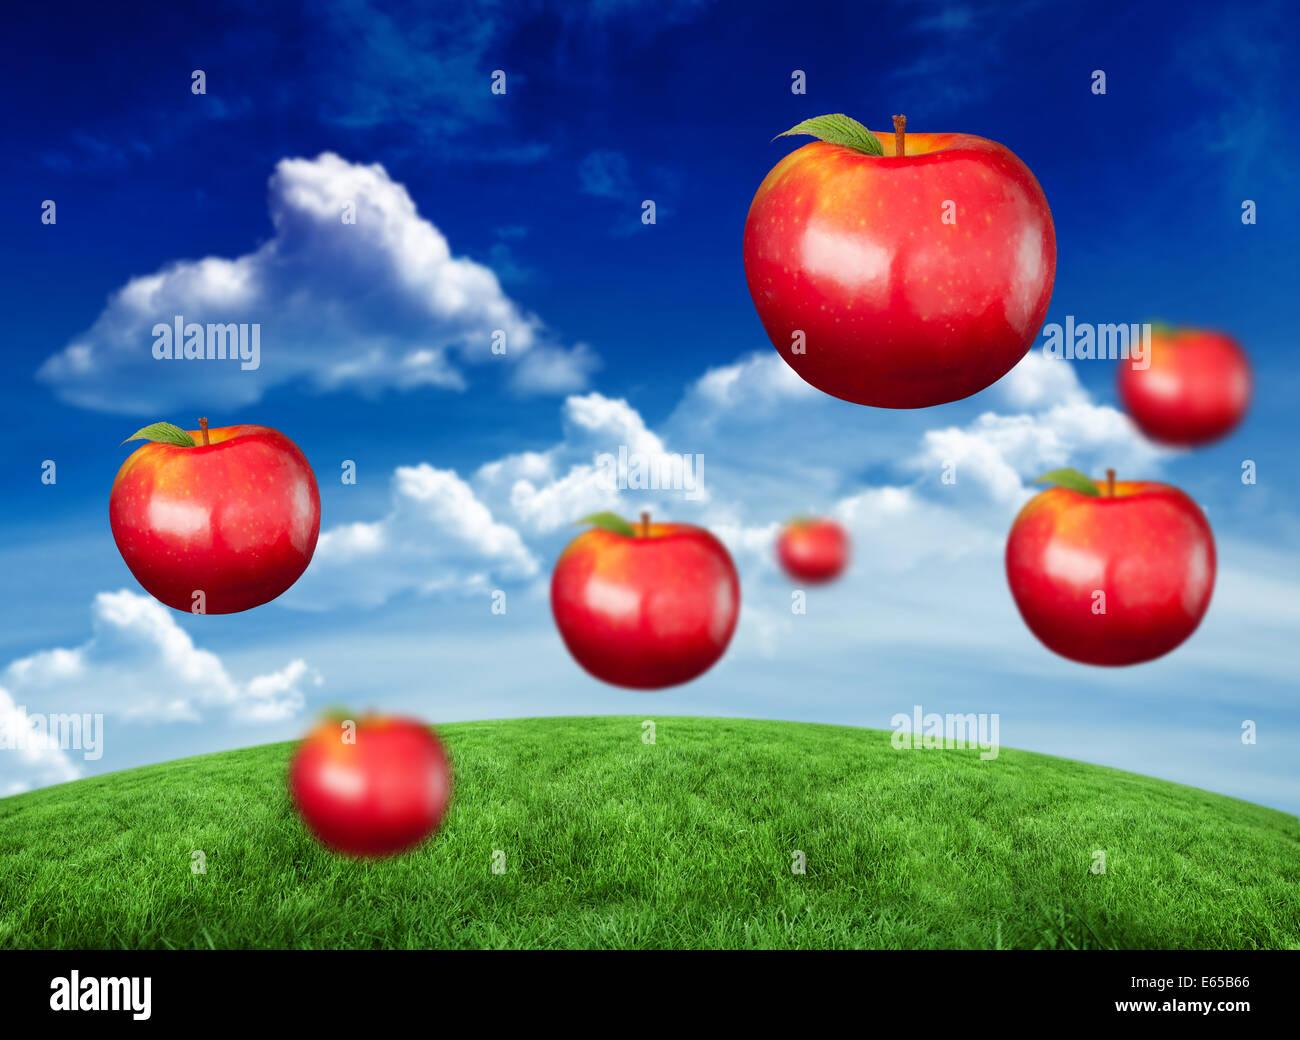 Zusammengesetztes Bild digital erzeugte glänzend rote Äpfel Stockbild